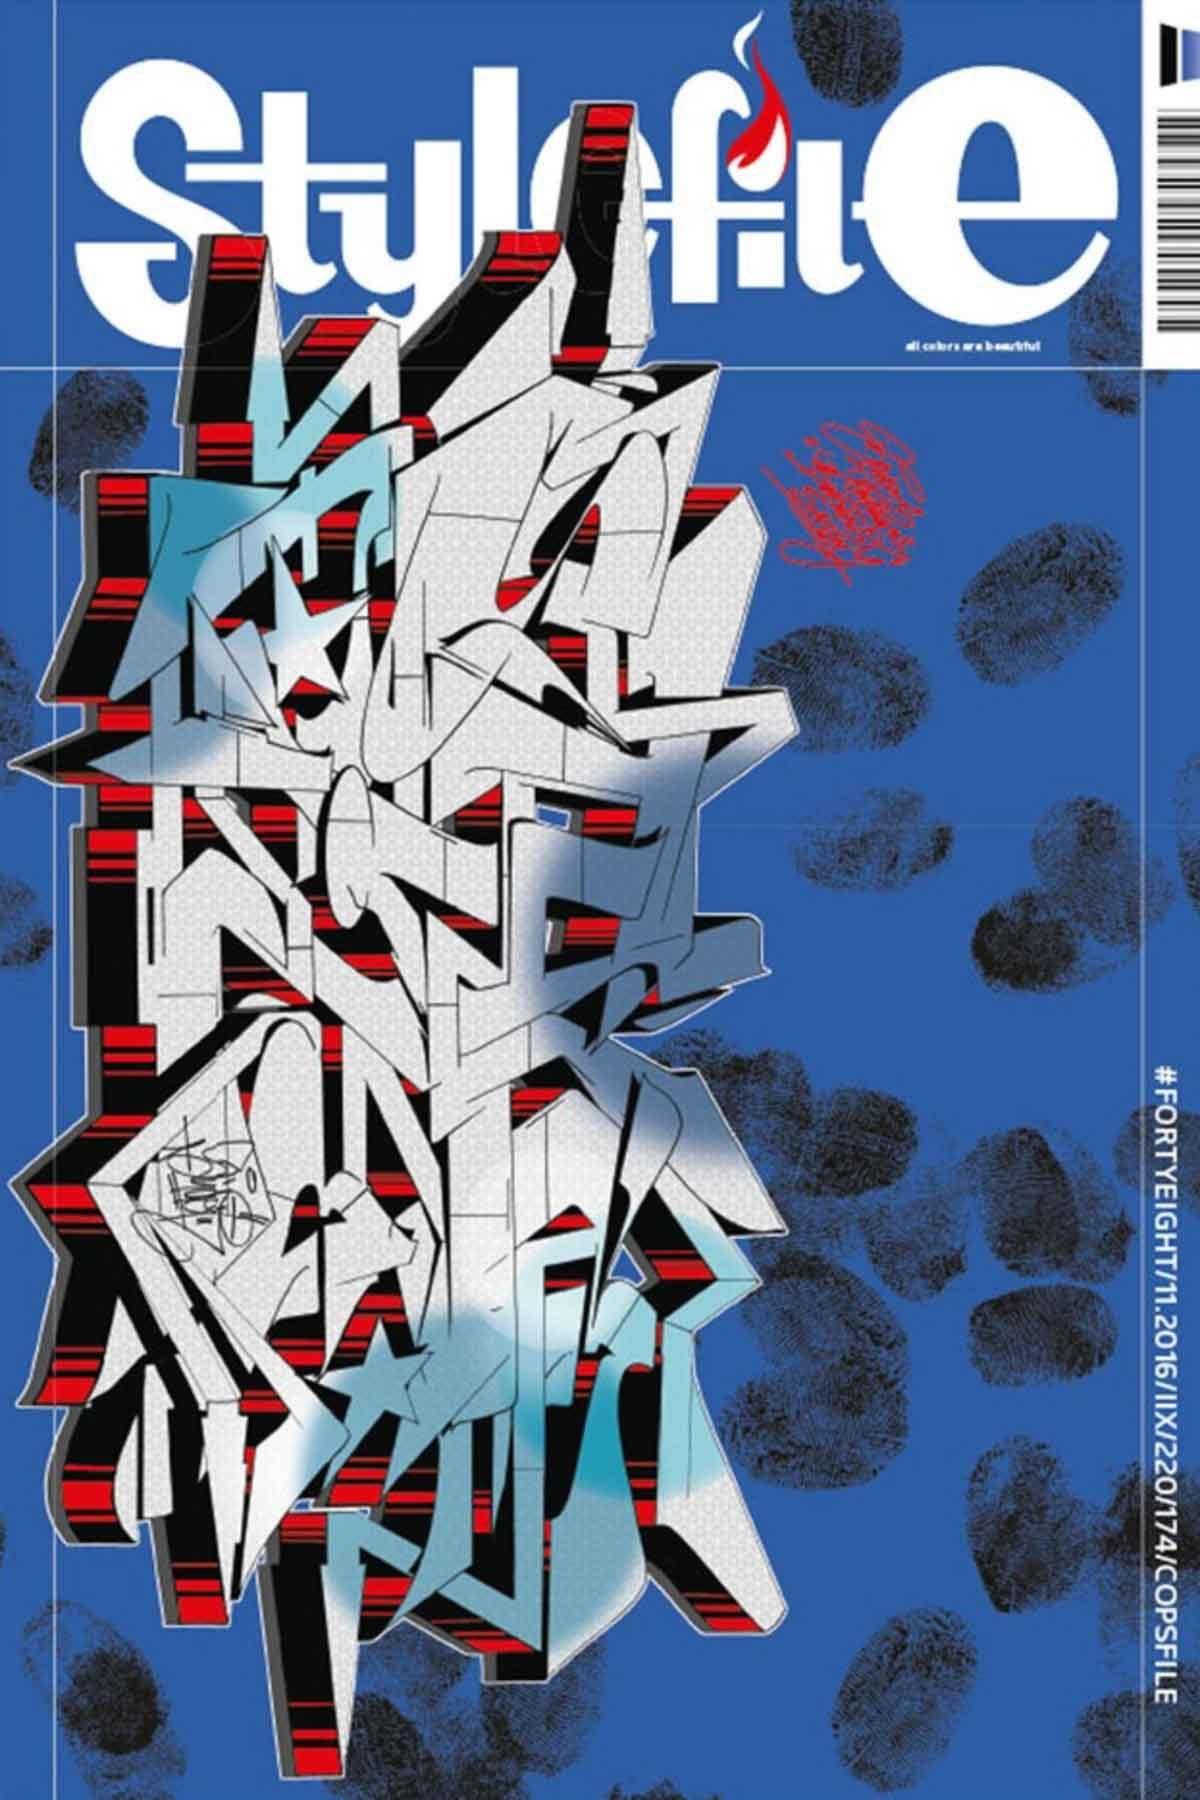 STYLEFILE Magazine 48